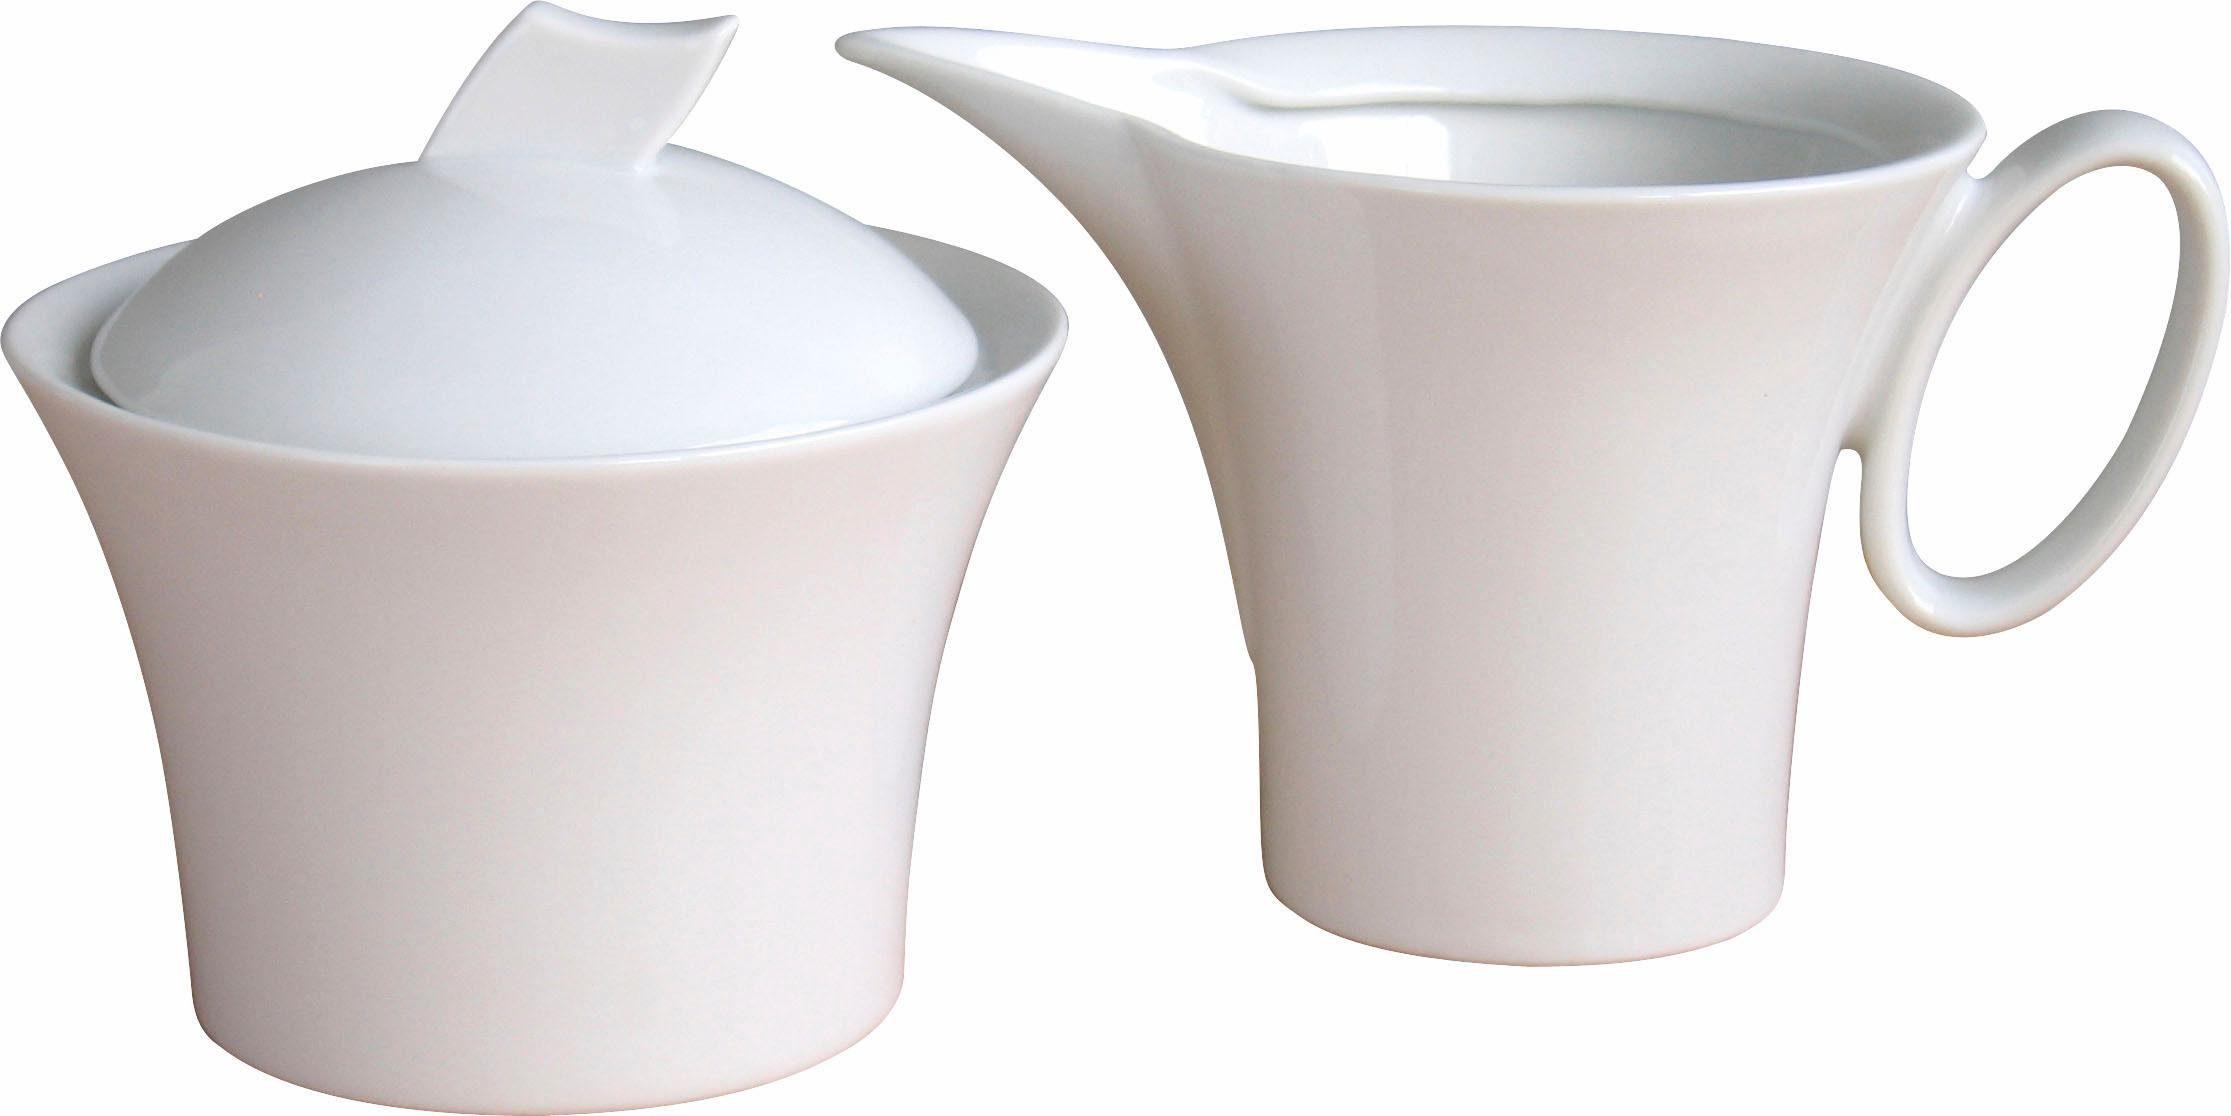 Milch/Zucker-Set Porzellan, »Wing« (2-tlg.)